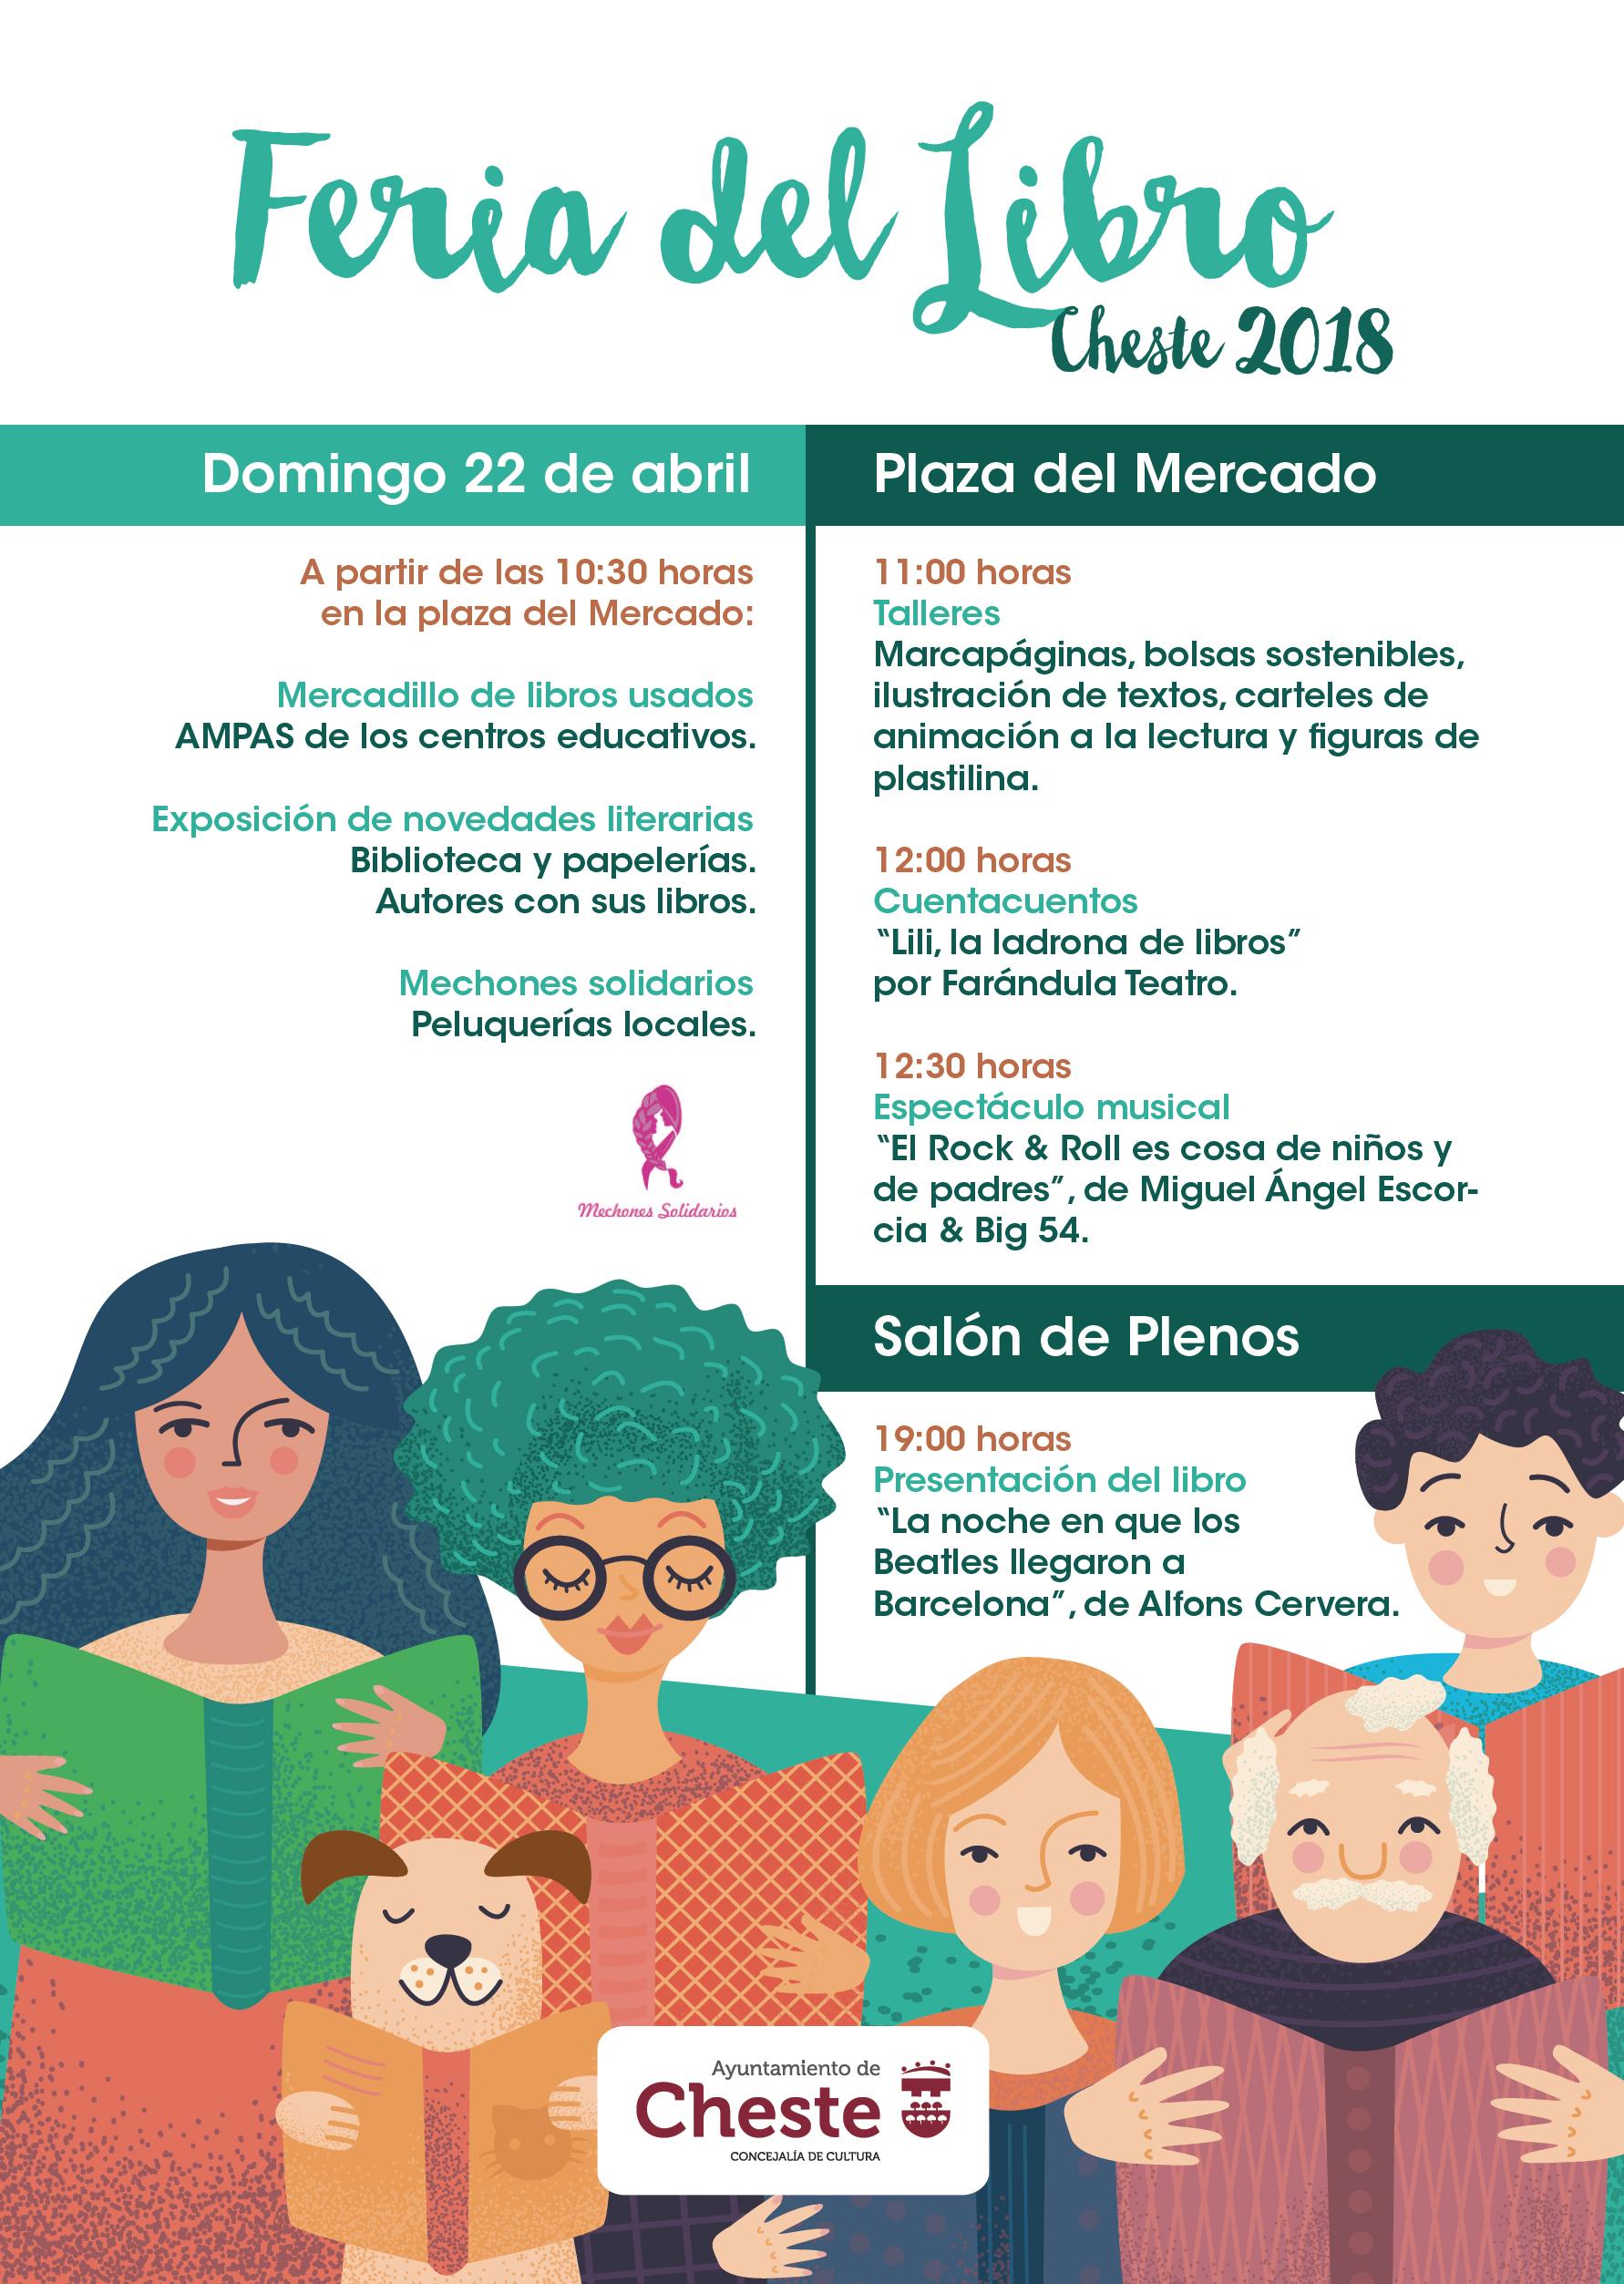 El próximo domingo, 22 de abril, se celebrará en Cheste una nueva edición de la Feria del Libro.